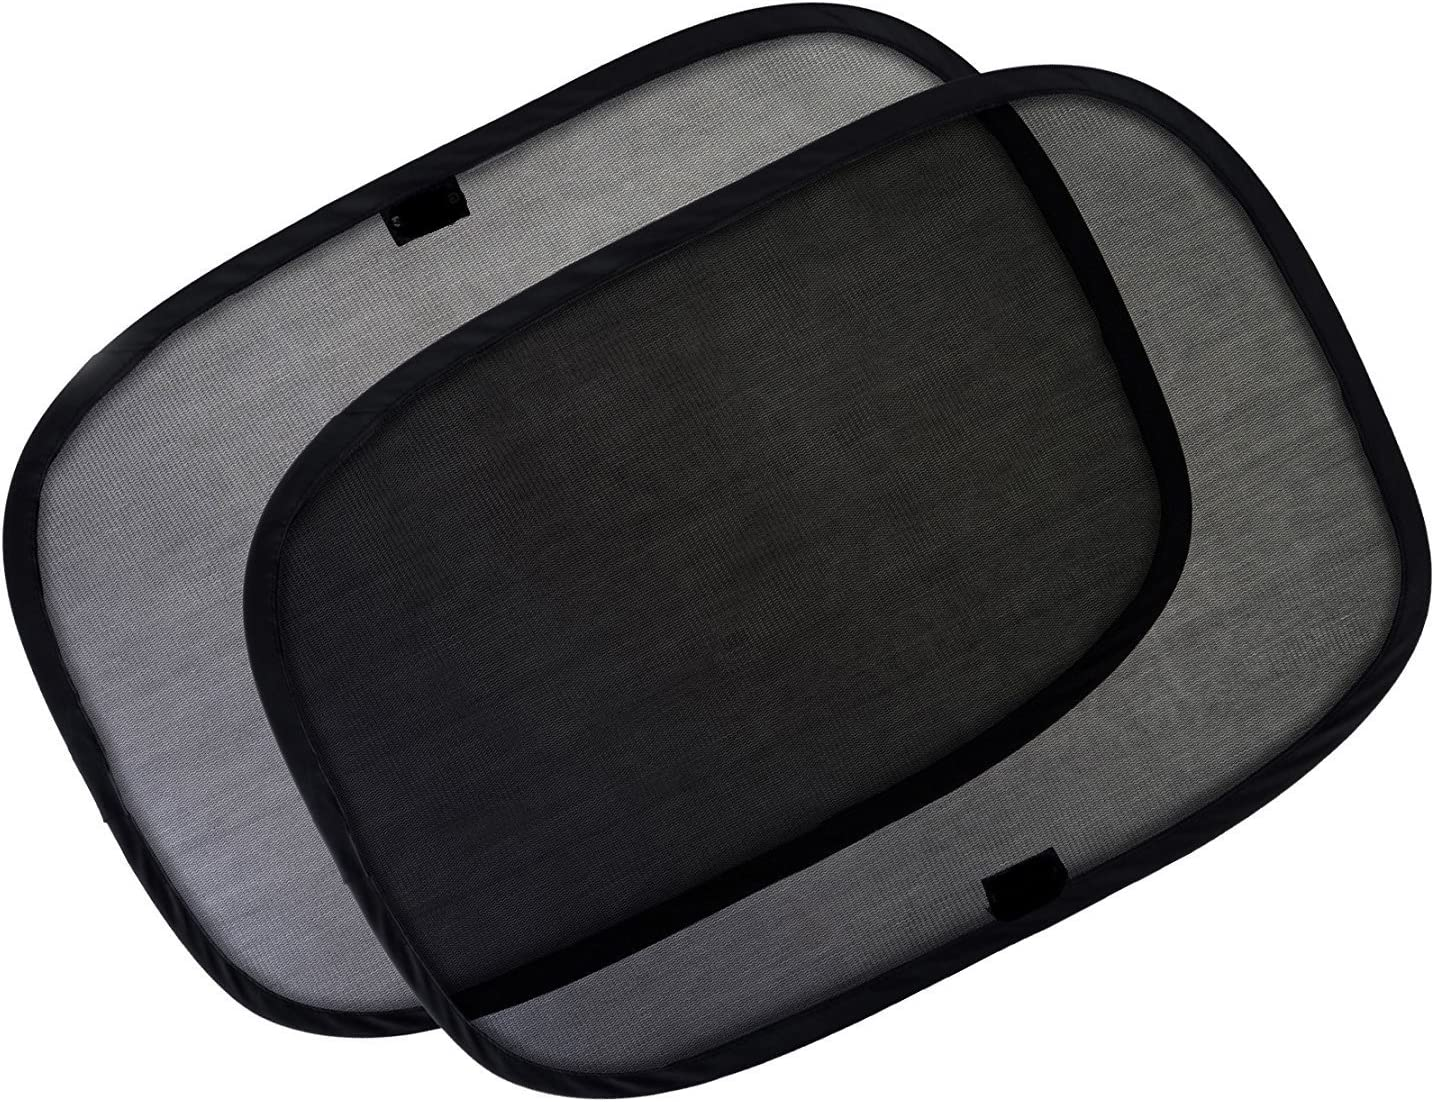 Parasol para automóviles | Paquete de 2 | Bloquea el 98% de los rayos UV | Proteja a sus hijos y mascotas | Garantía de por vida del 100% | Static Cling No se requiere una ventosa